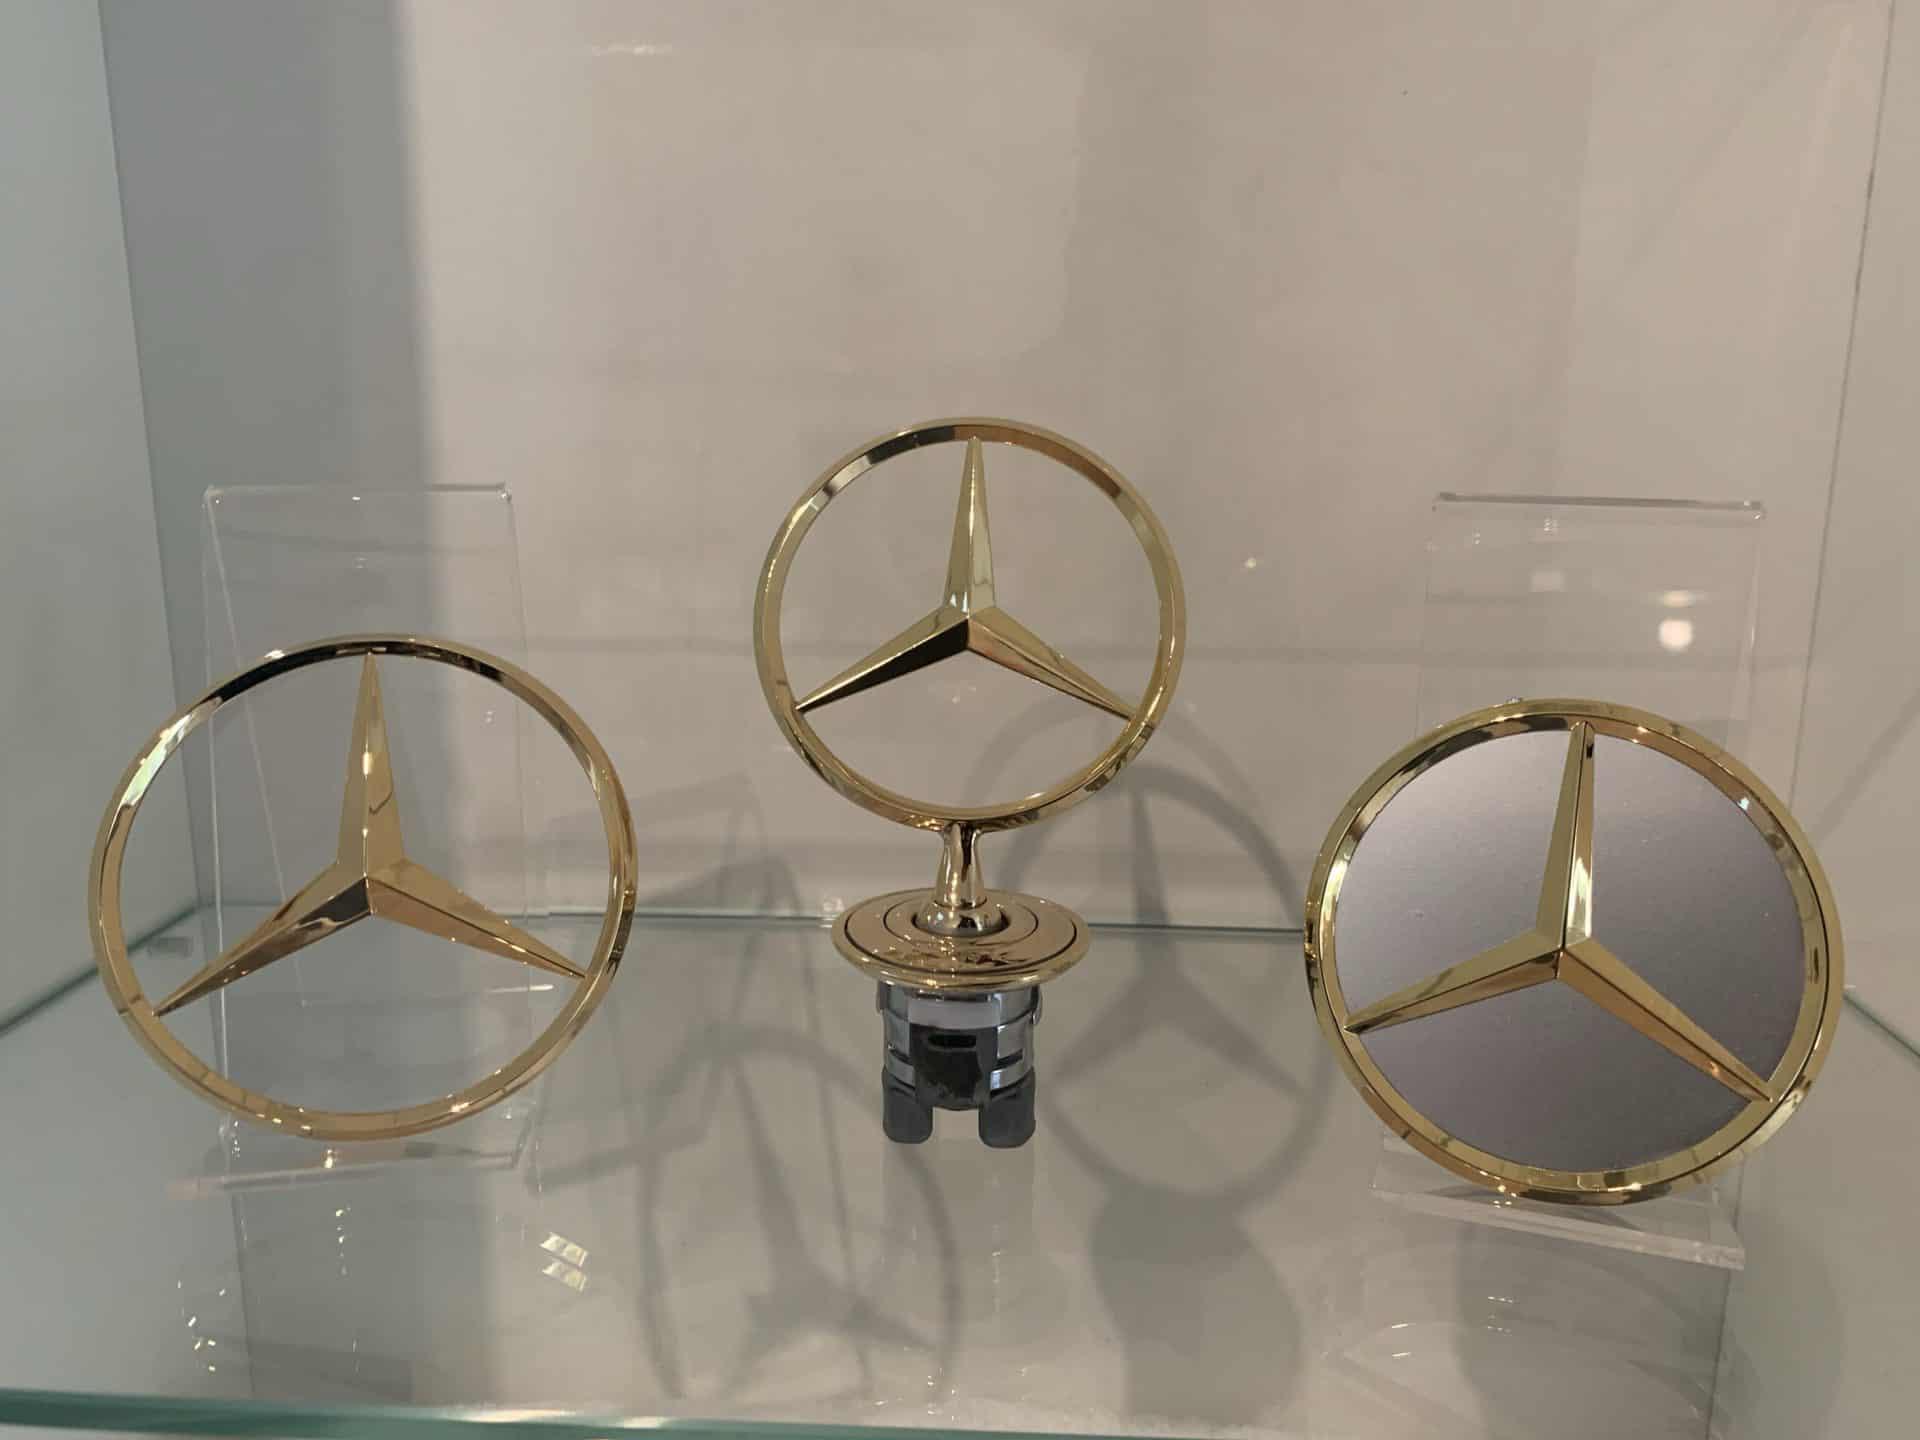 Mercedes Sterne vergoldet Embleme vergolden lassen